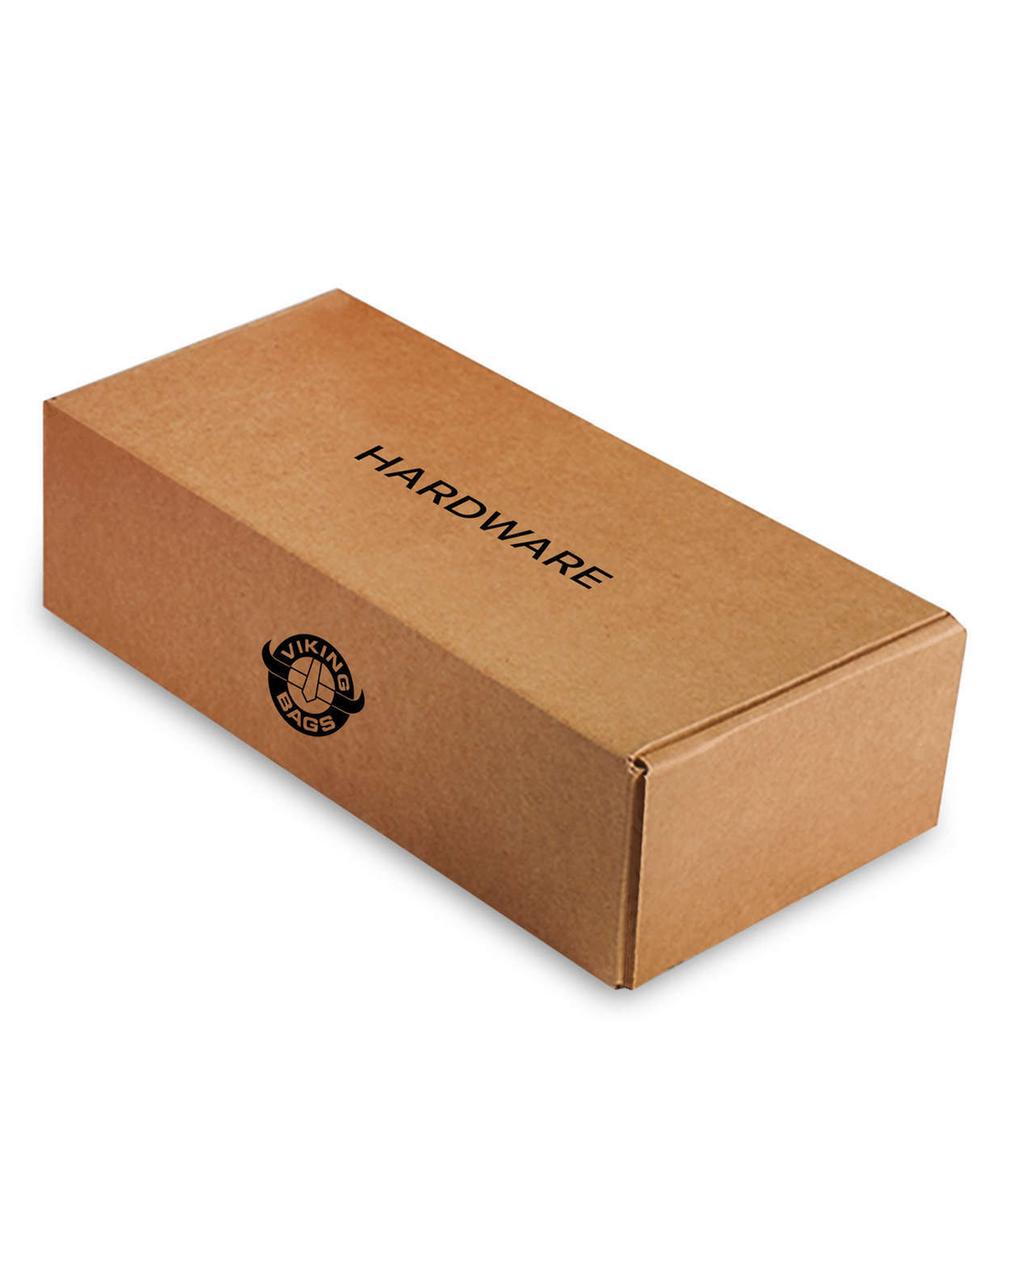 Indian Scout Warrior Slanted Medium Motorcycle Saddlebag Hardware Box